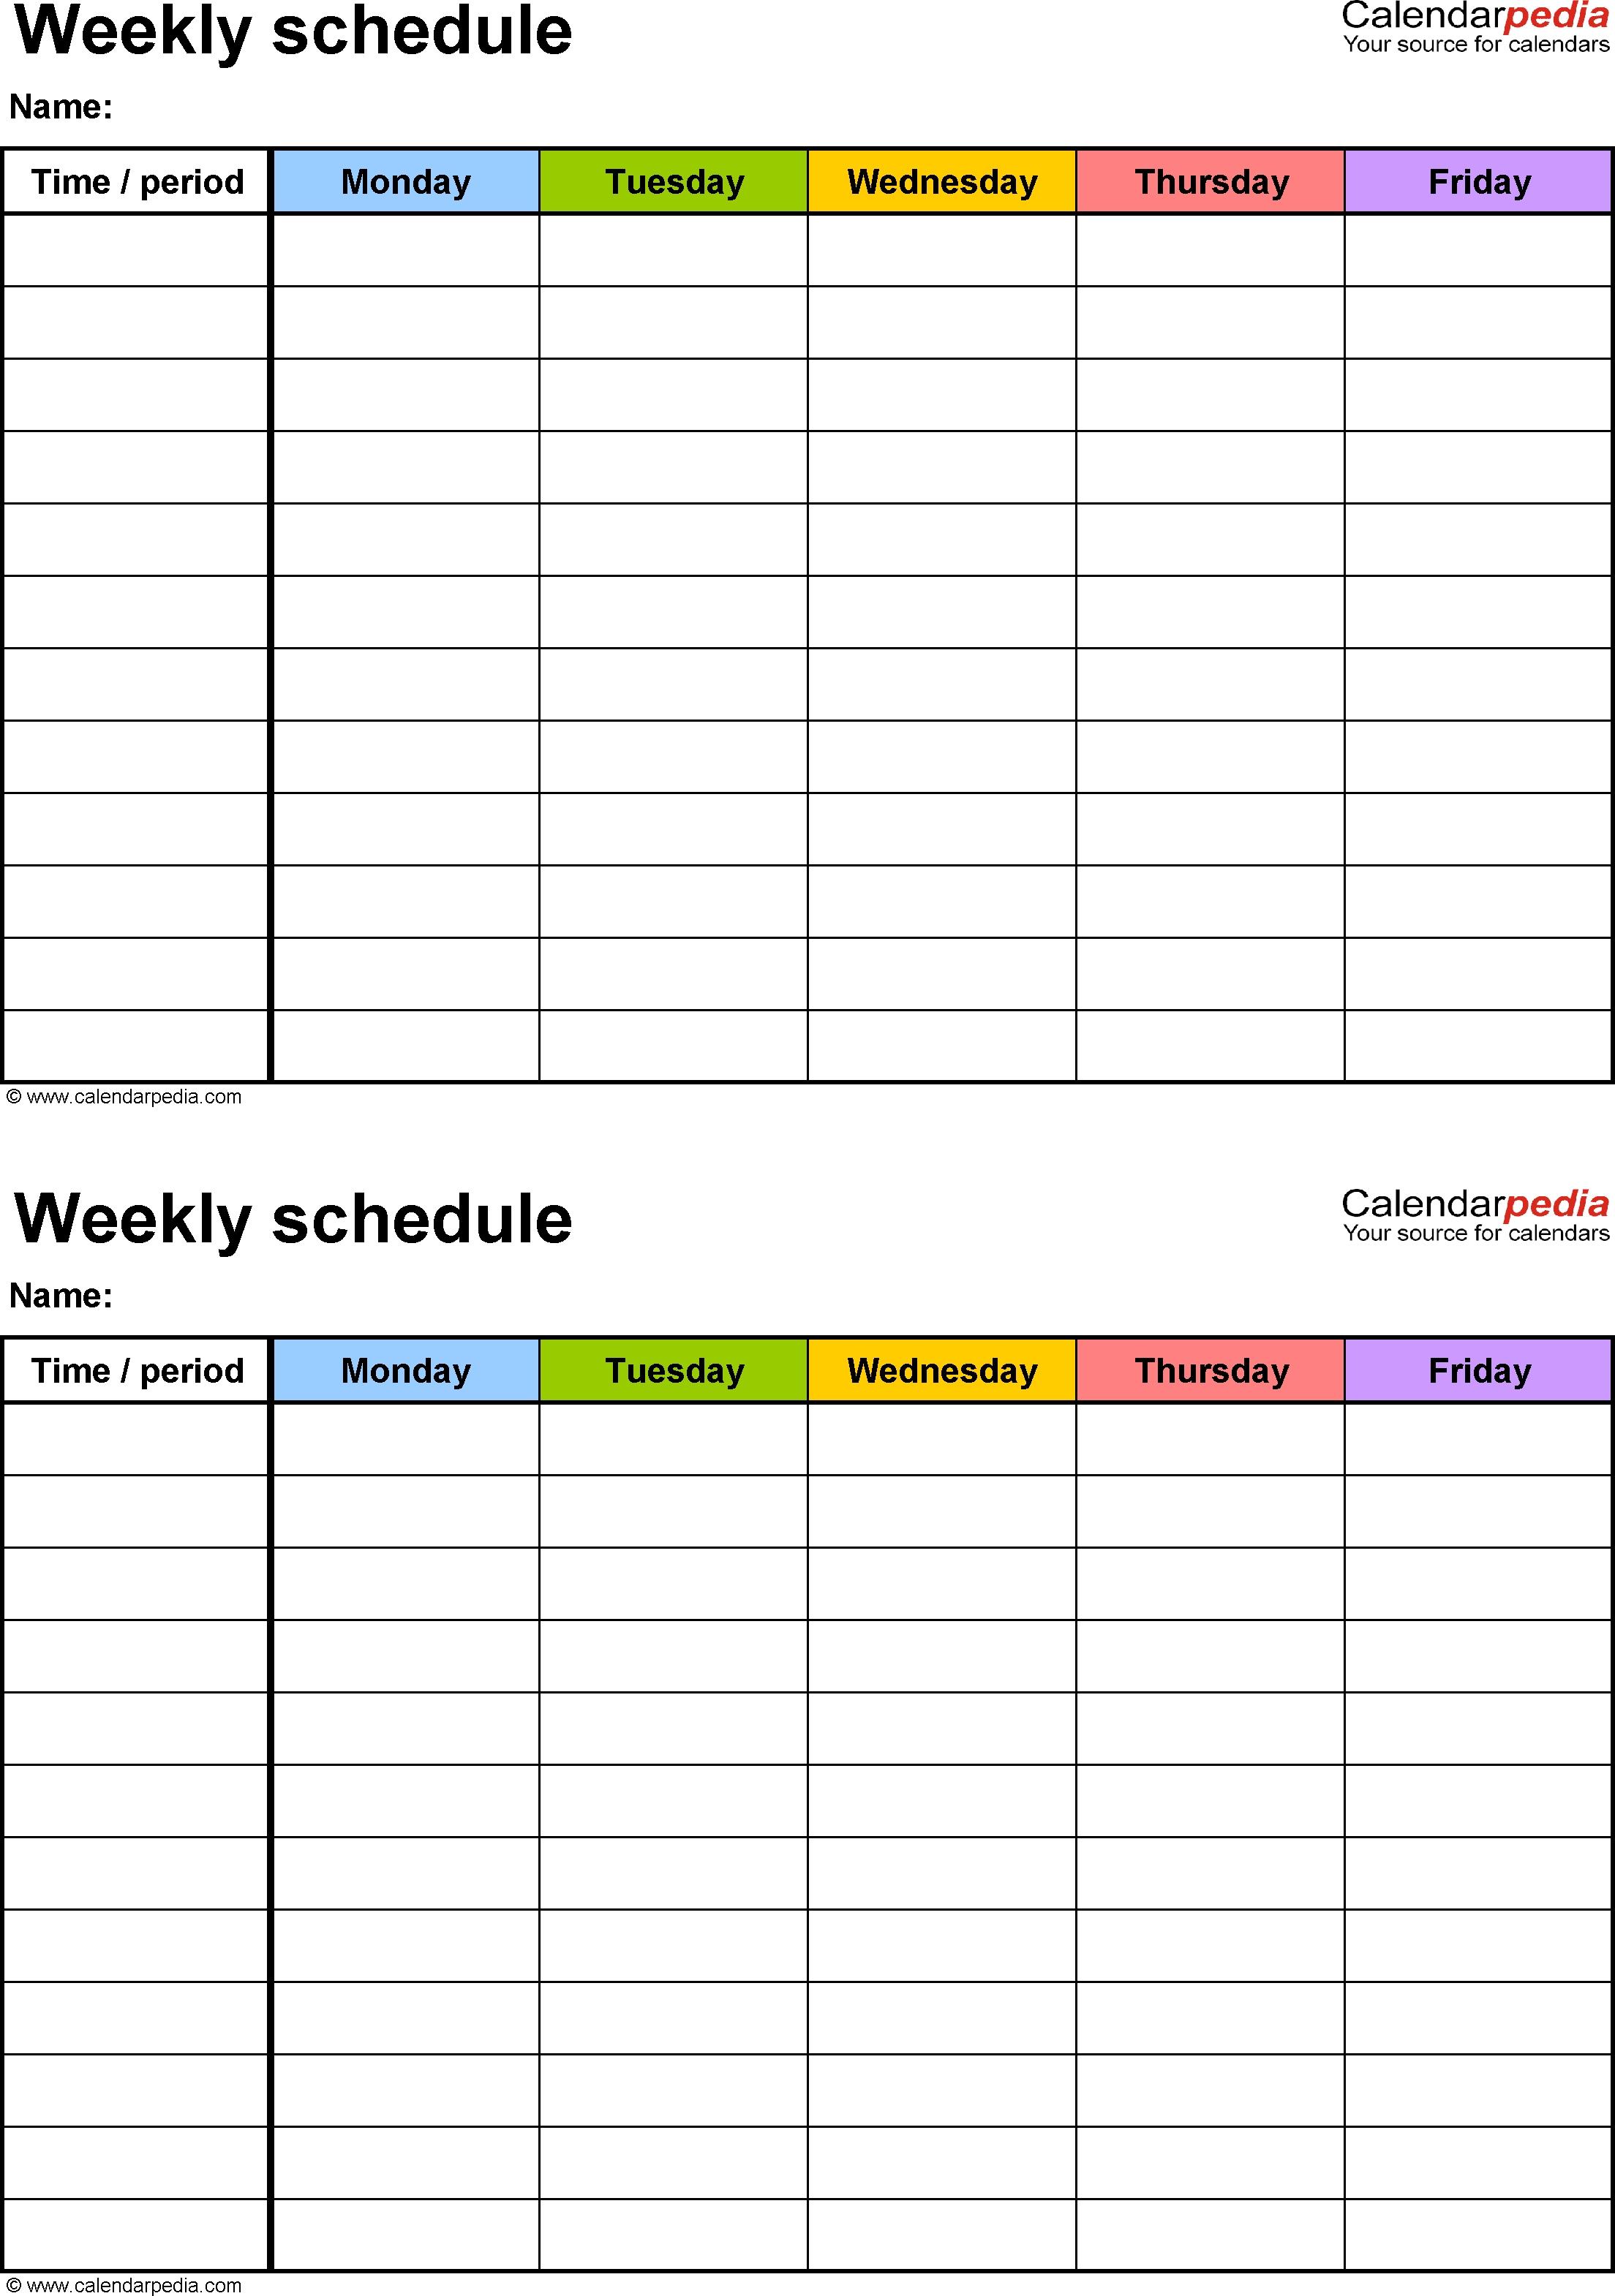 Weekly Schedule Template For Excel Version 3: 2 Schedules On One regarding Printable Week By Week Schedule